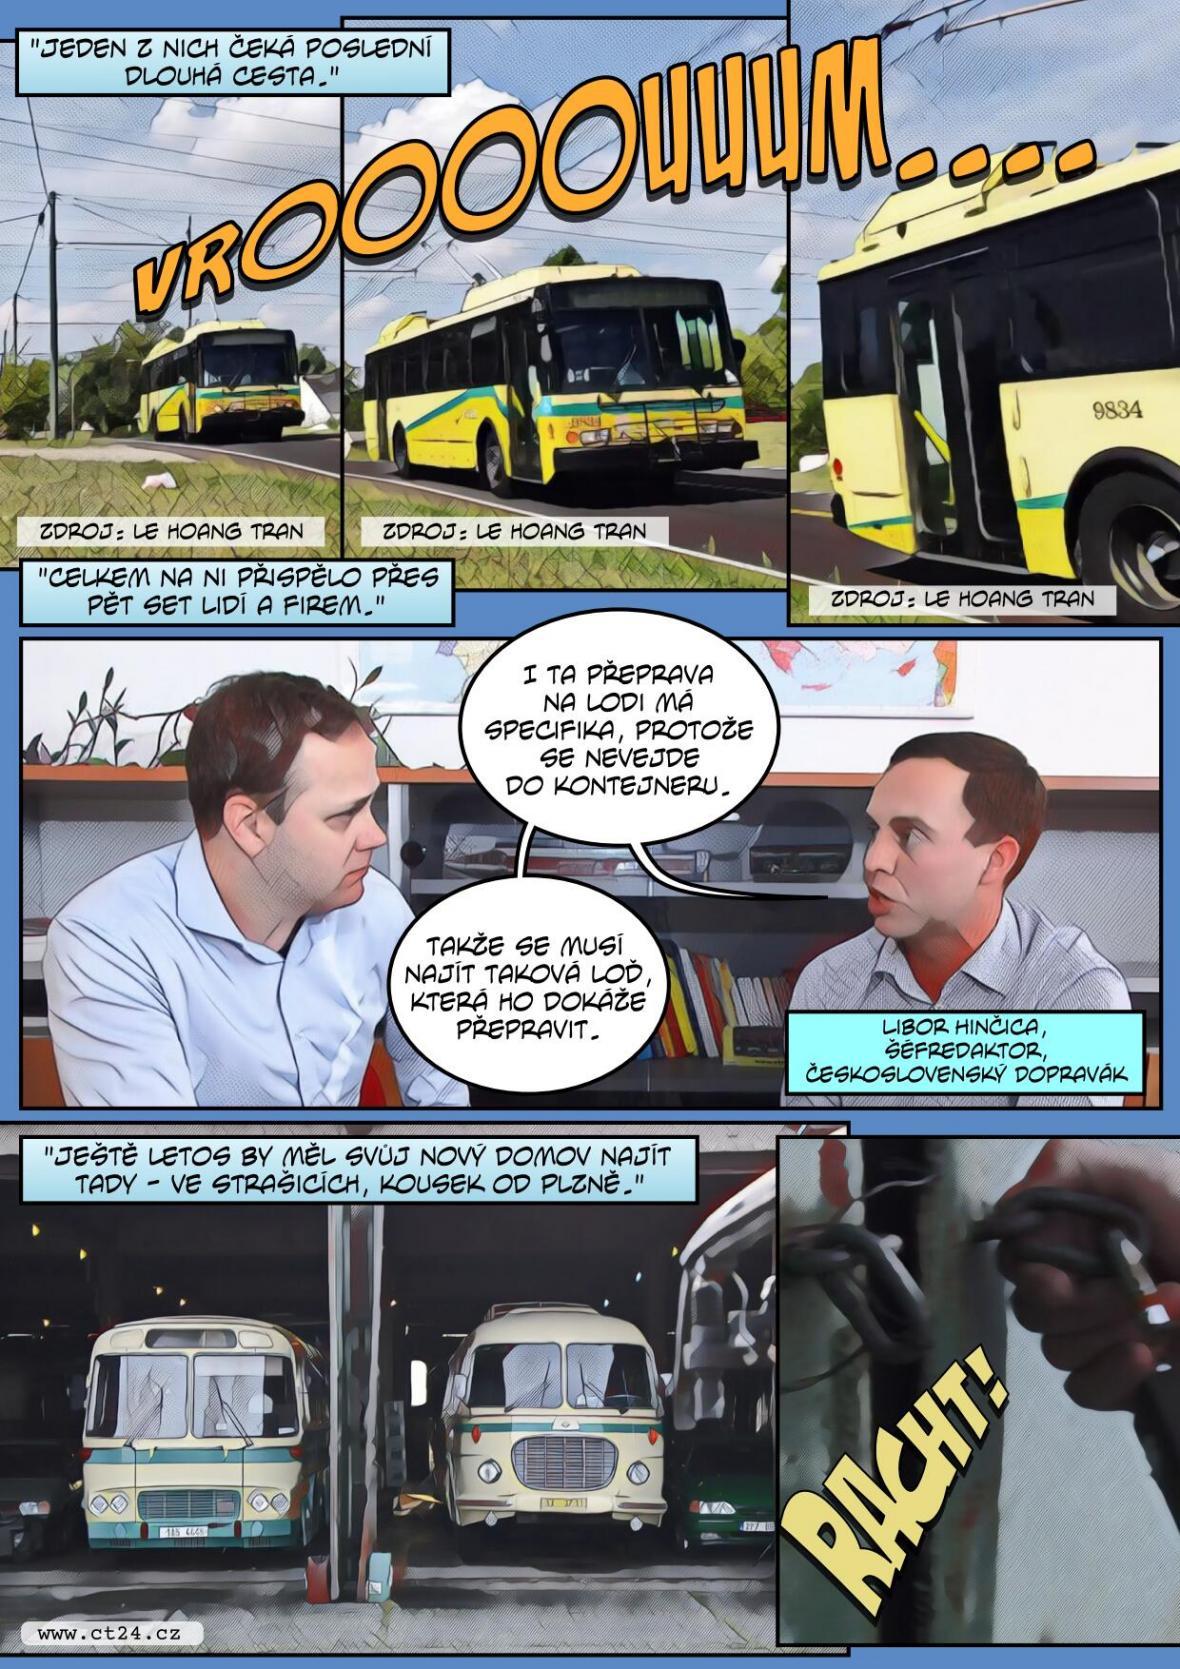 Český trolejbus se vrací z USA